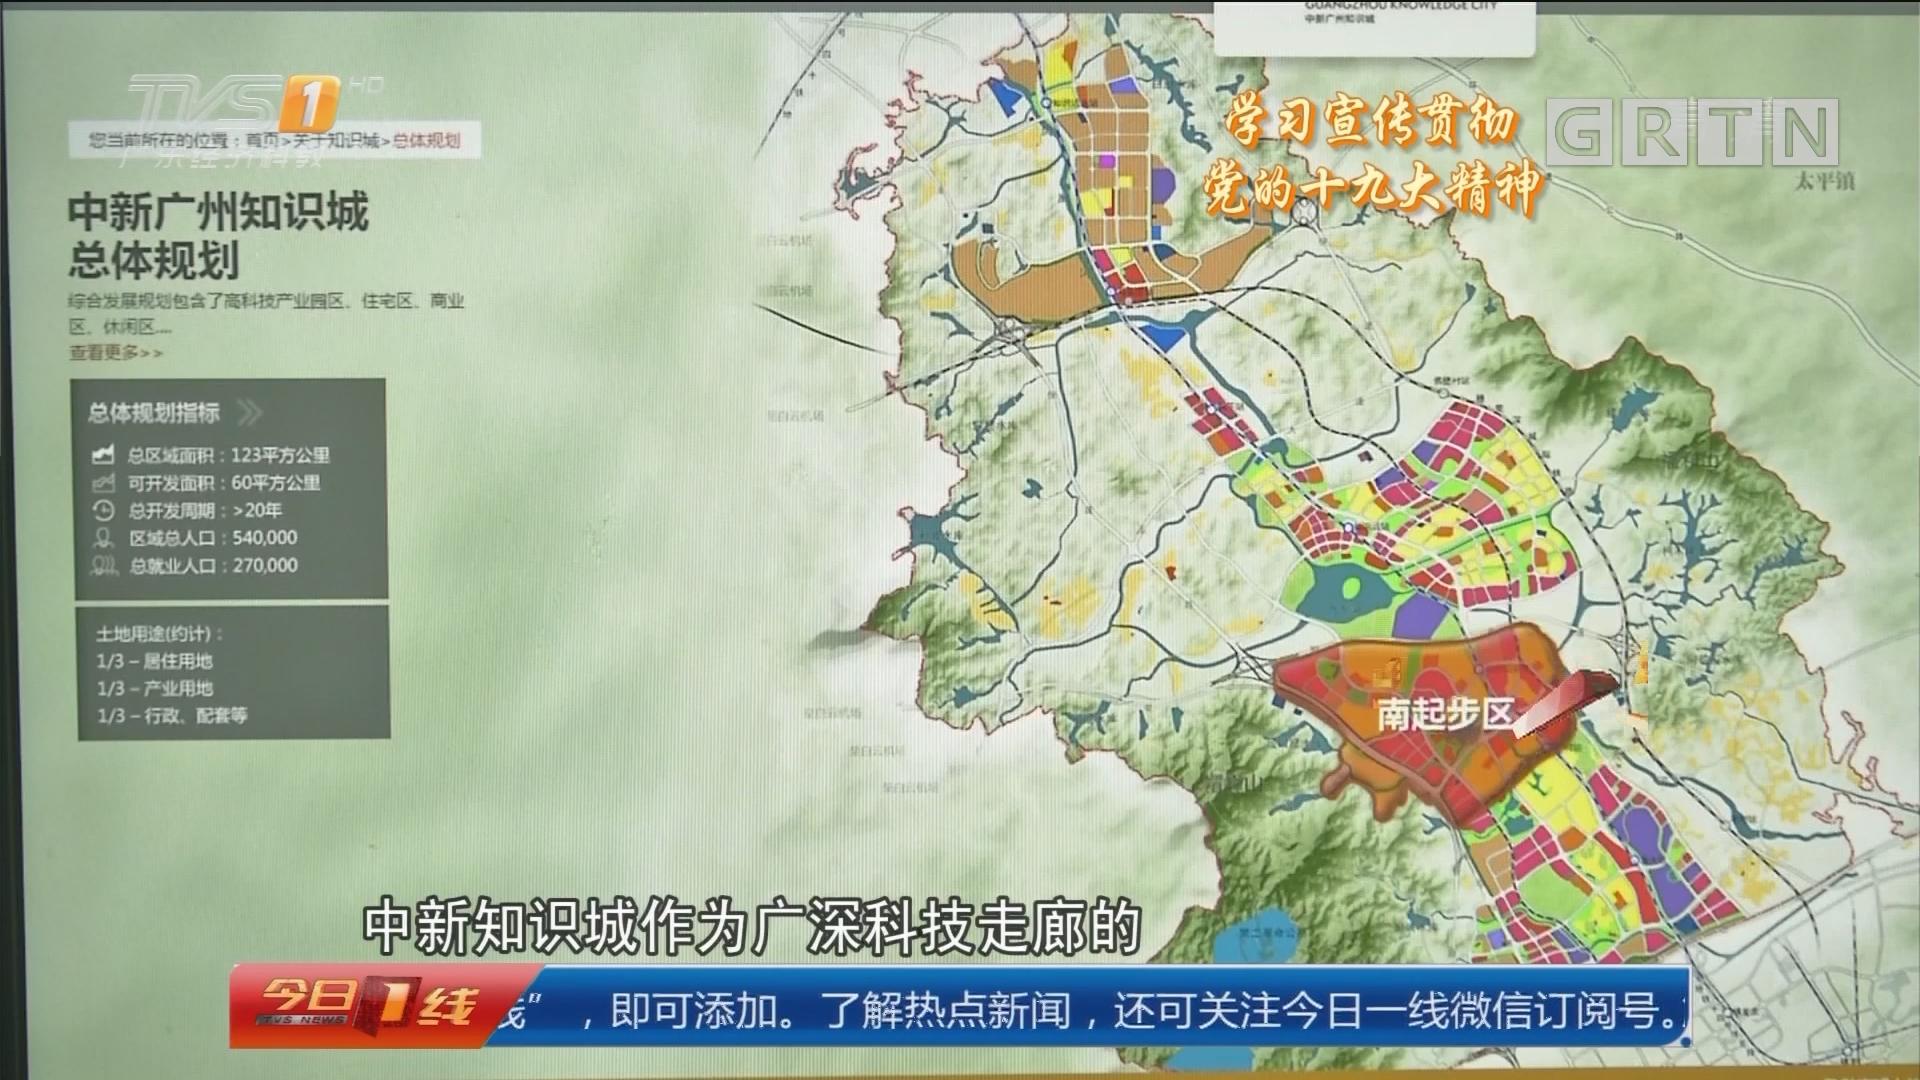 学习宣传贯彻党的十九大精神:广州 拟建两高速地铁 10分钟可达机场